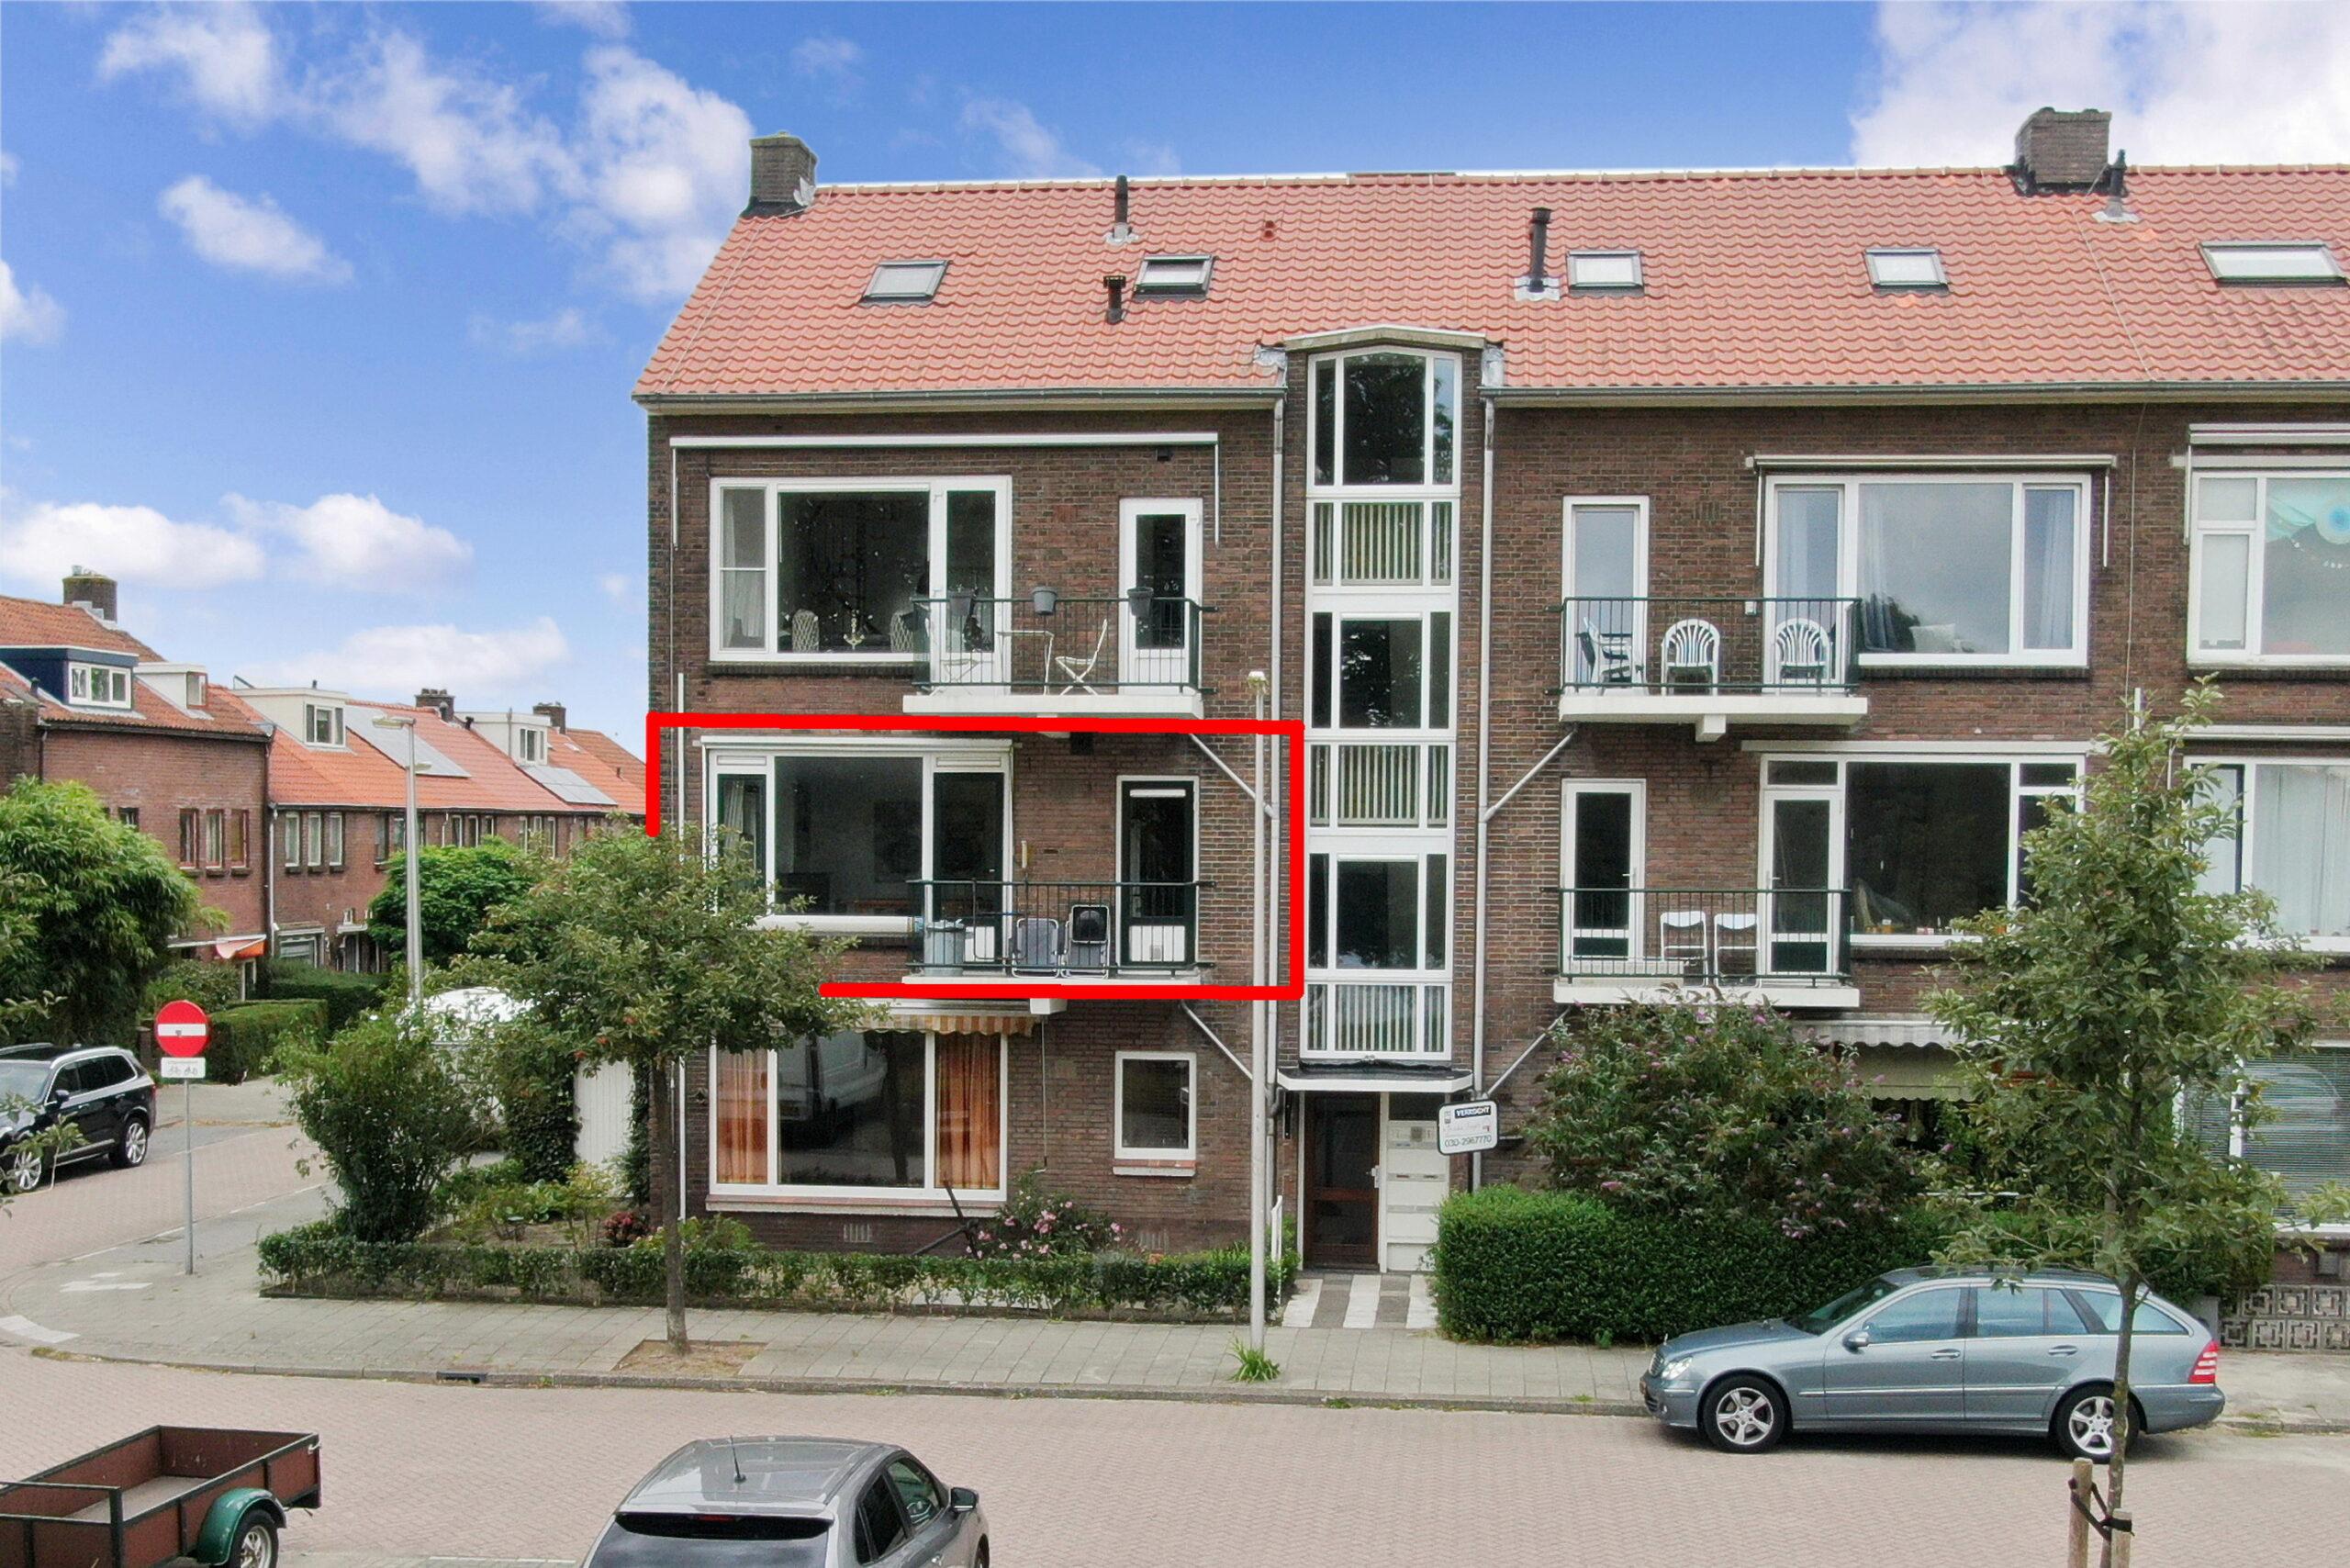 Loggerstraat 38, 3534 PM Utrecht